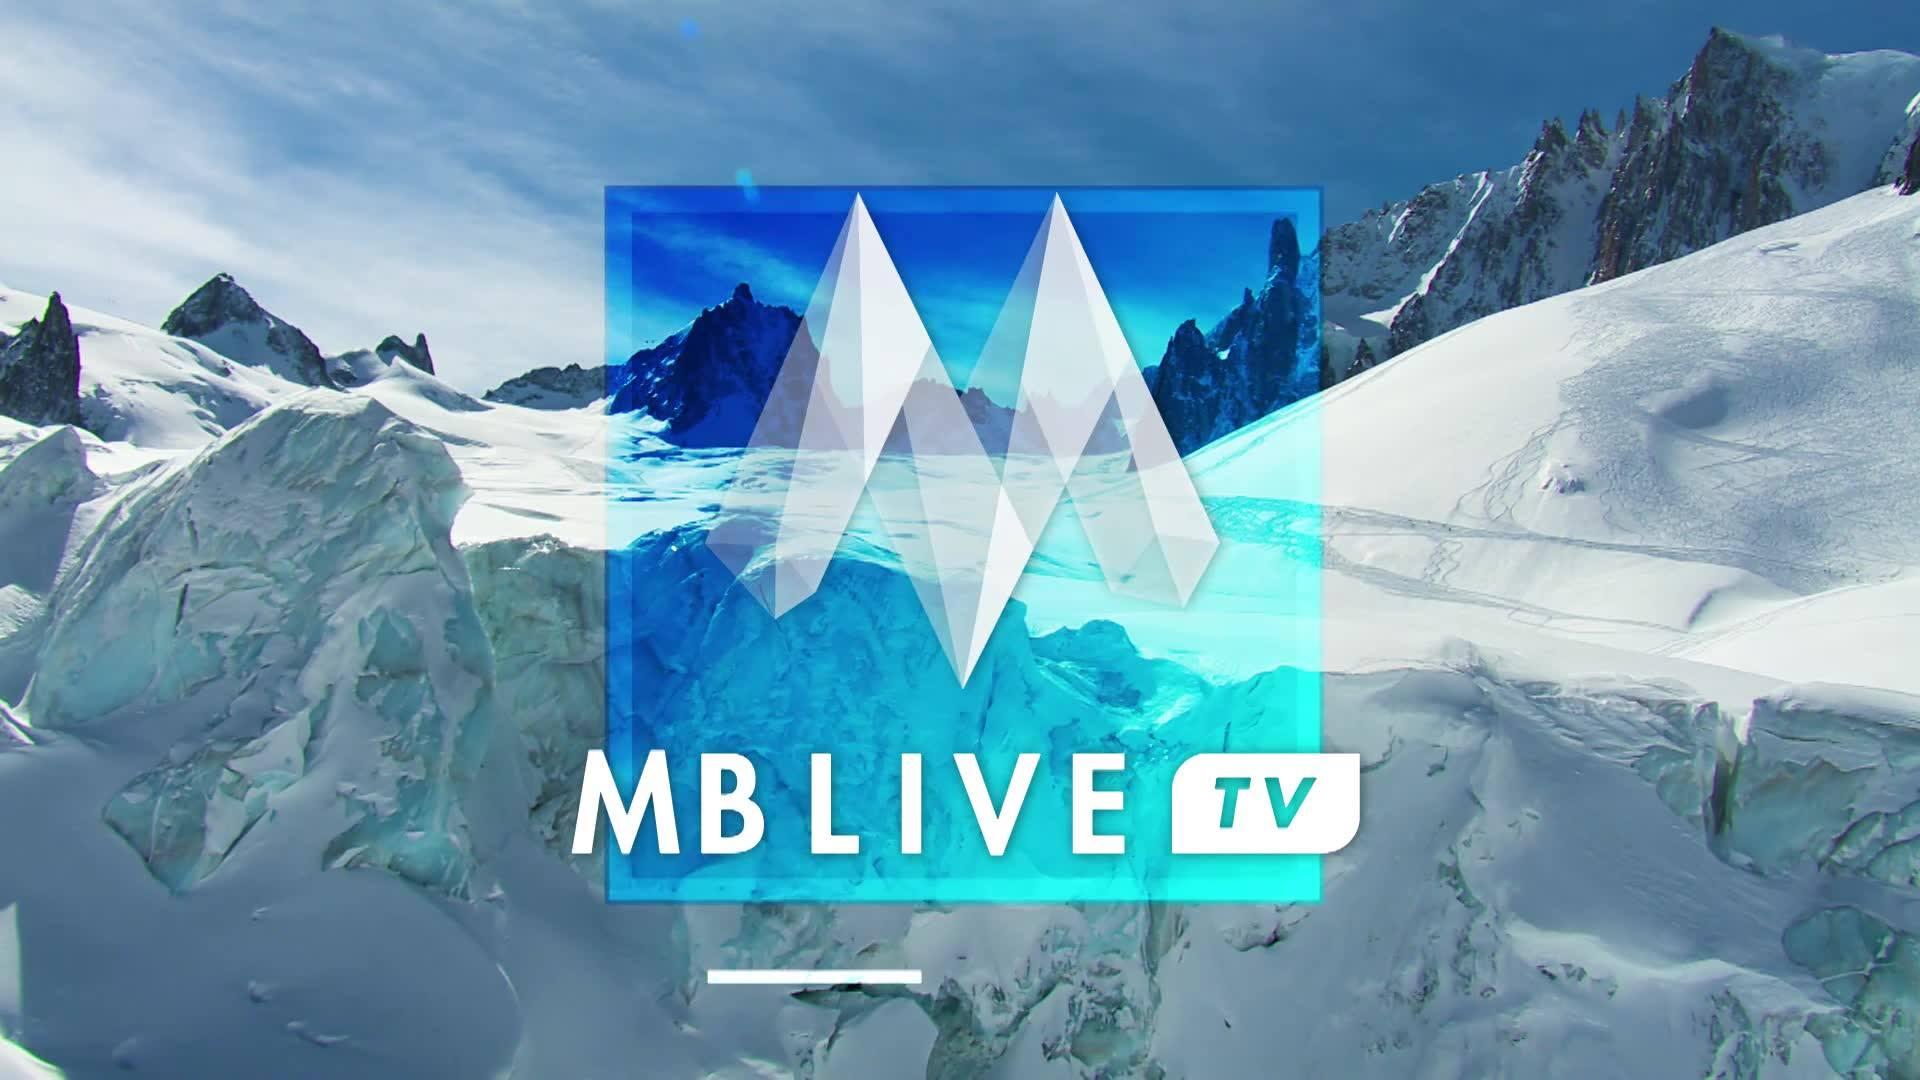 Le groupe Bontaz arrête la chaîne MB Live TV